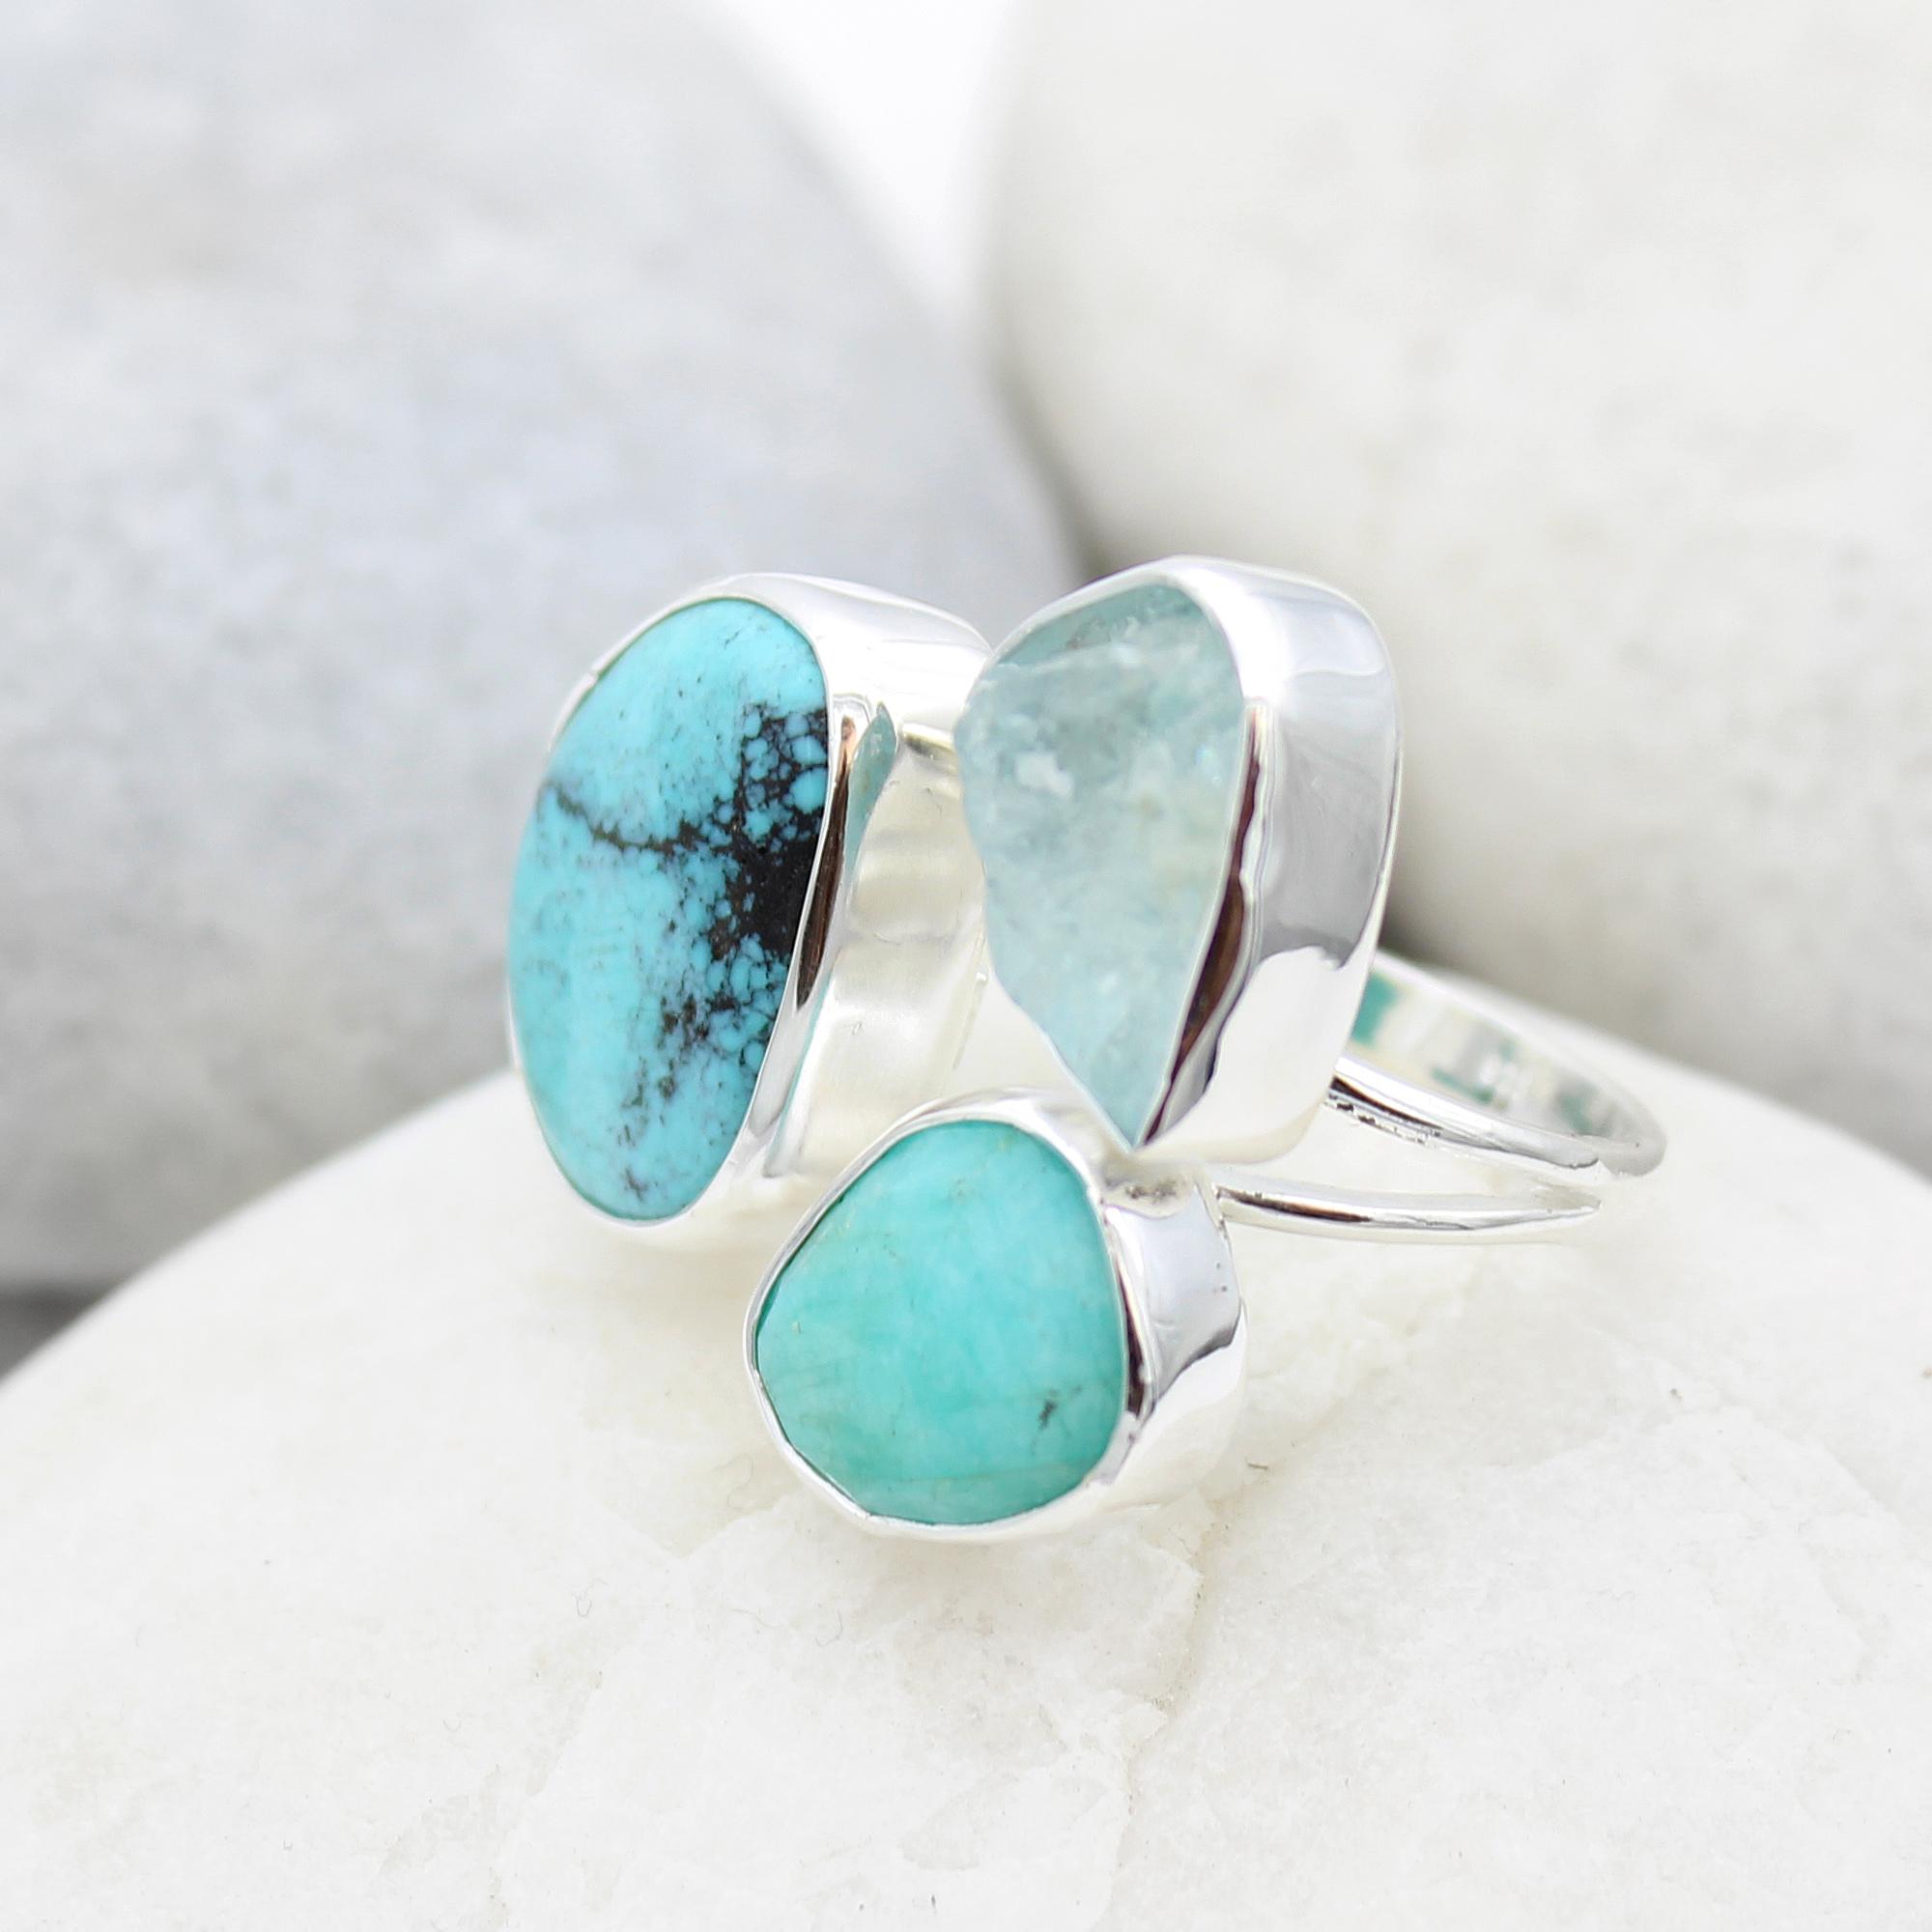 Aquamarine, Amazonite & Turquoise Gemstone Sterling Silver Ring